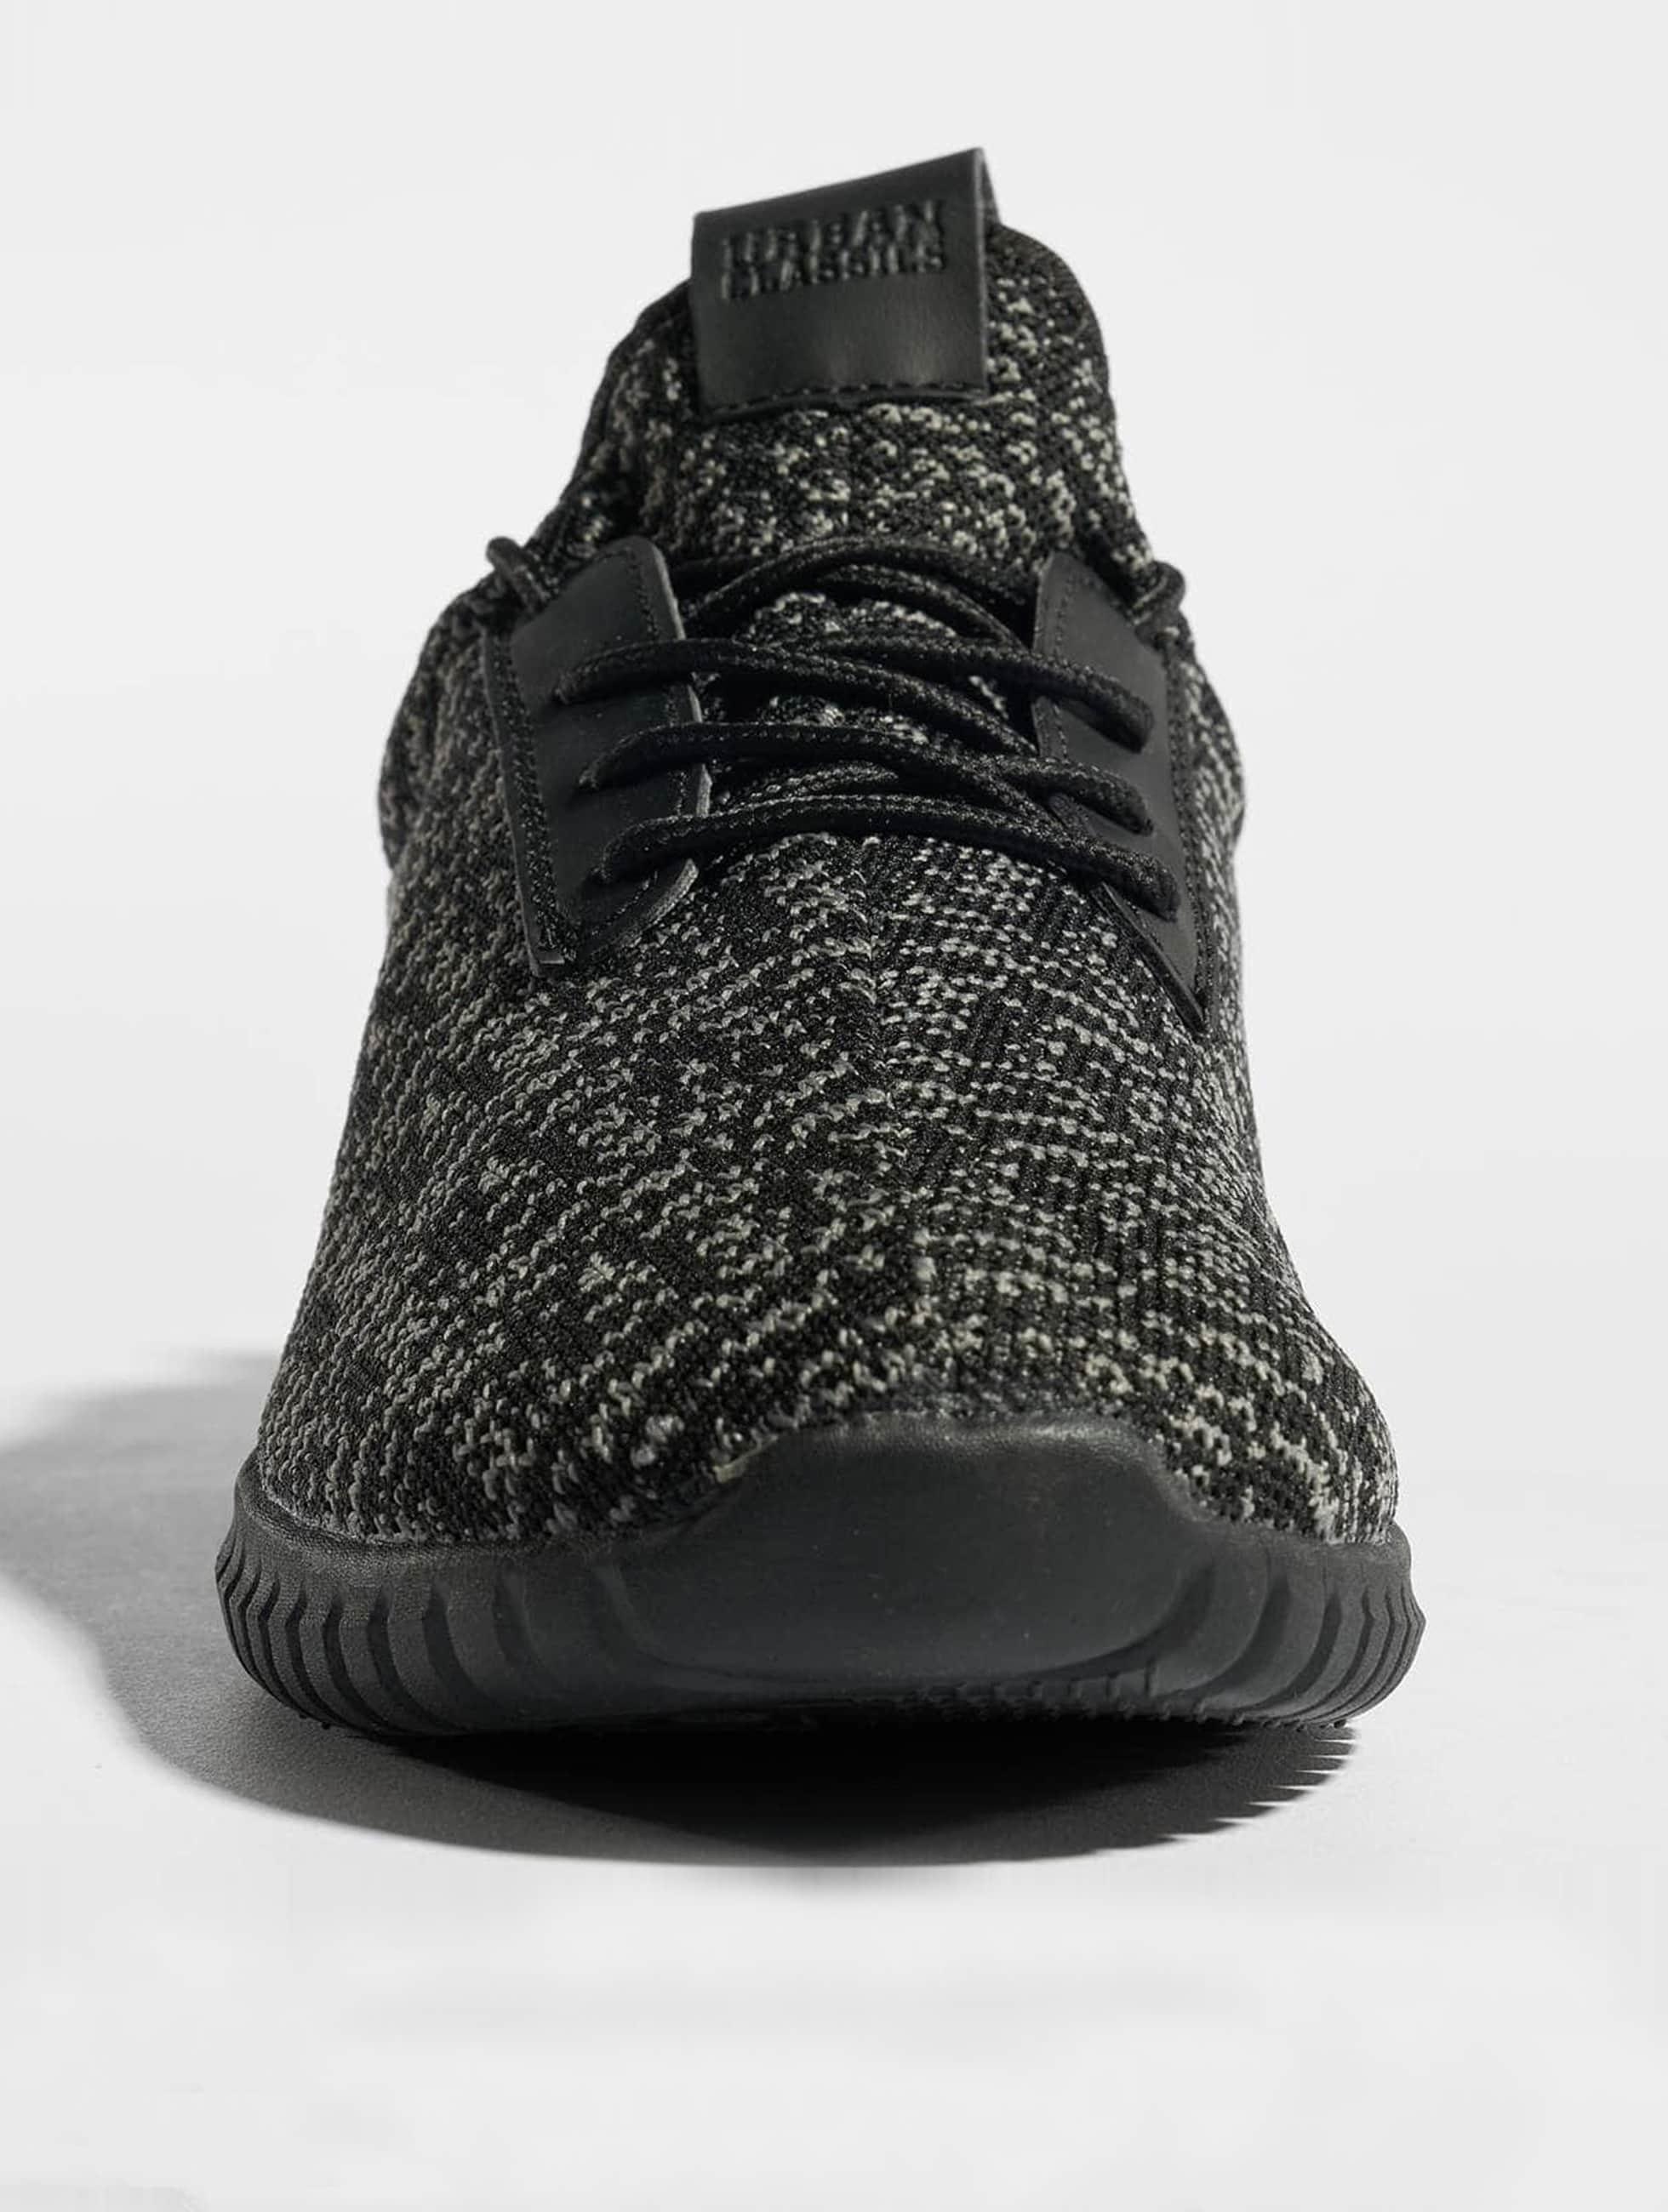 Knitted Urban Schuhe Light Sneaker Classics Herren zqYAq7Z